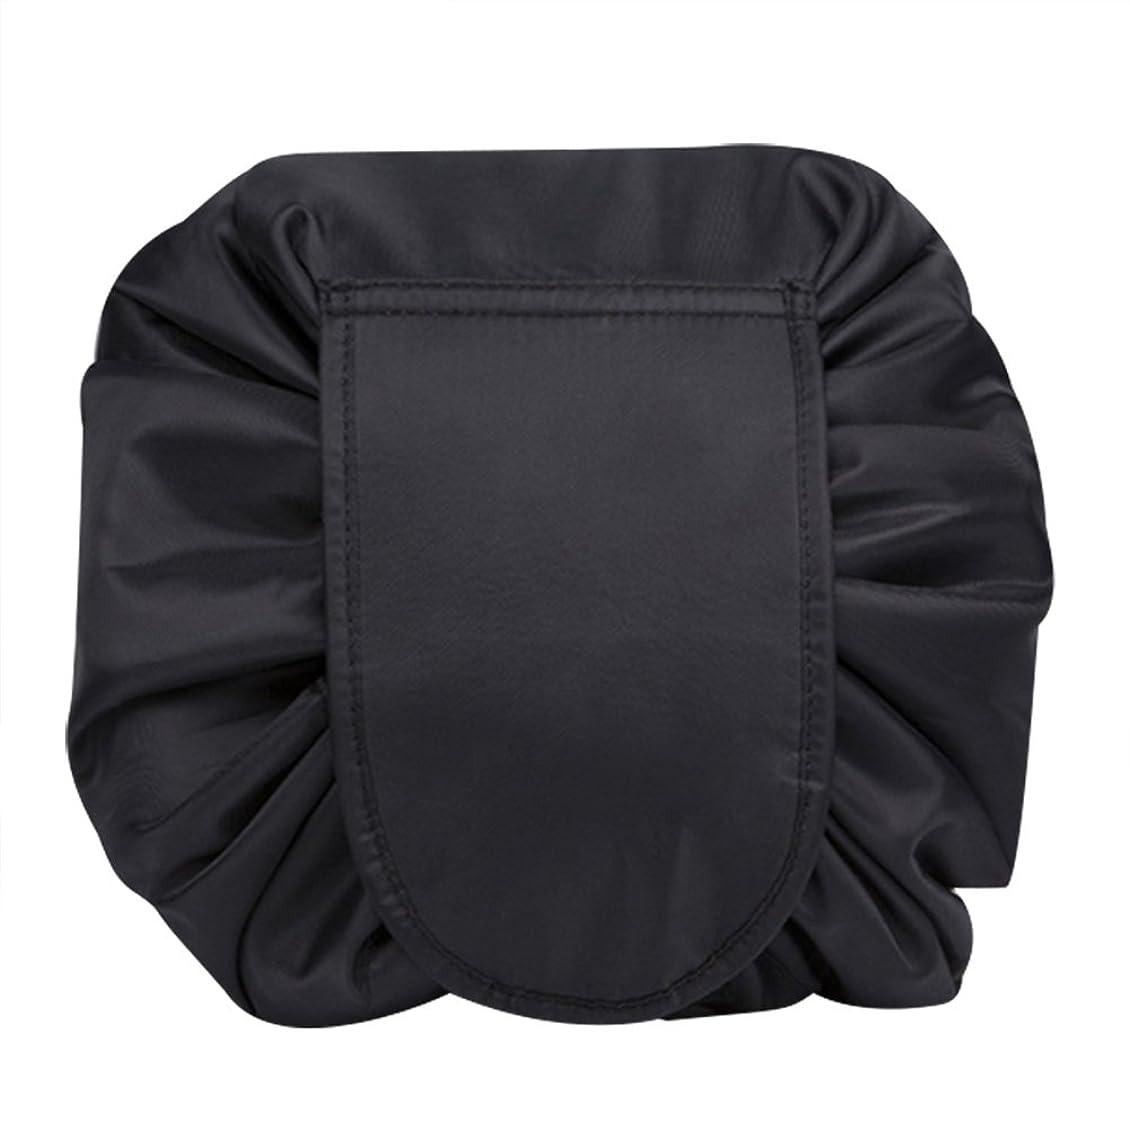 期待してお金バースマジックポーチ 化粧バッグ 化粧ポーチ レイジー化粧バッグ トラベルバッグ メイクバッグ 容量大きい ブラック